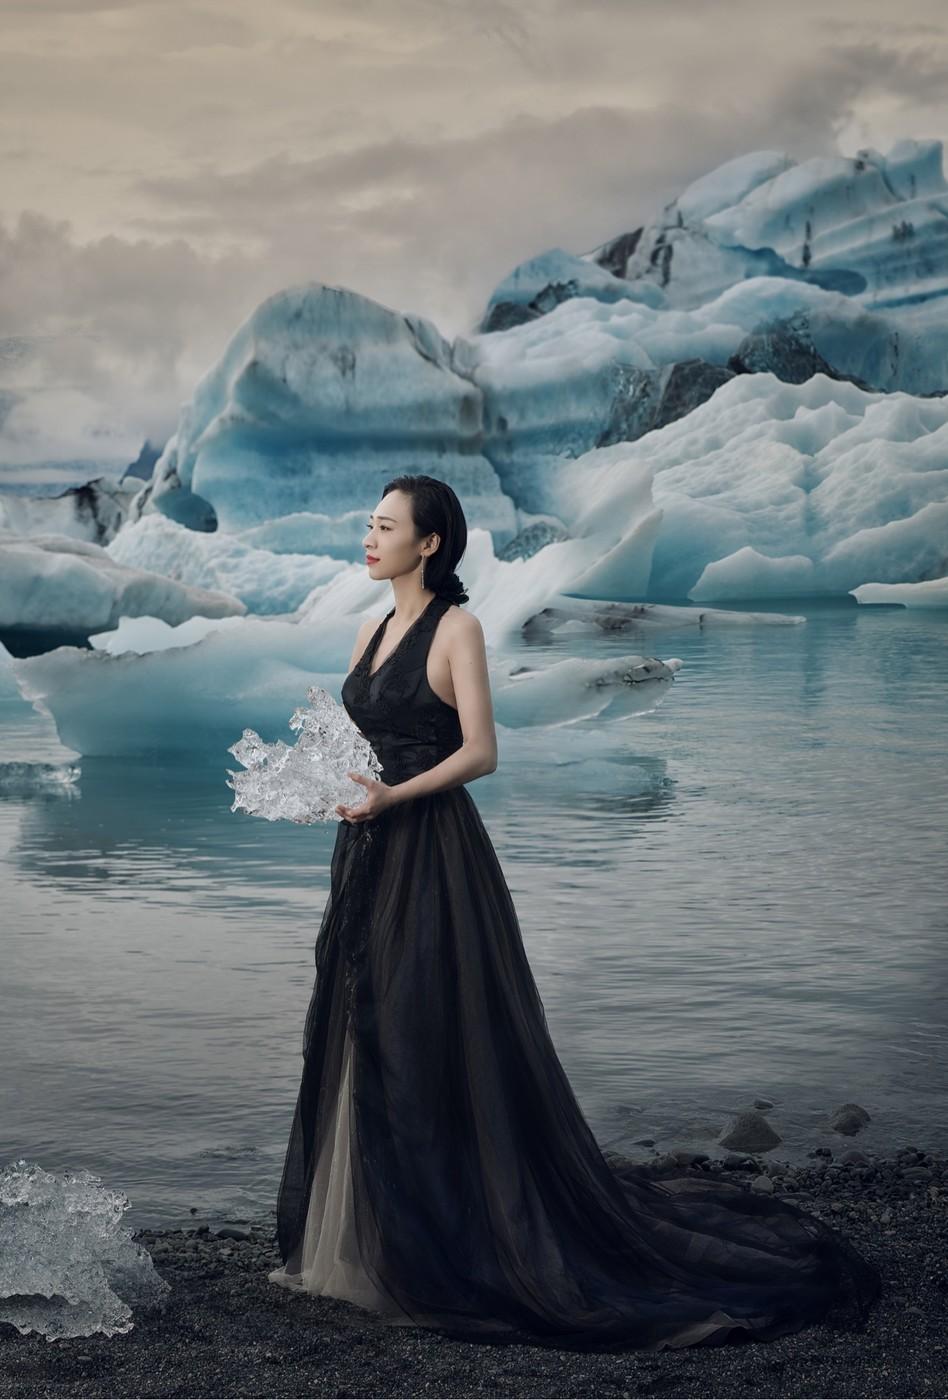 MoFoTo 冰岛婚纱旅拍34